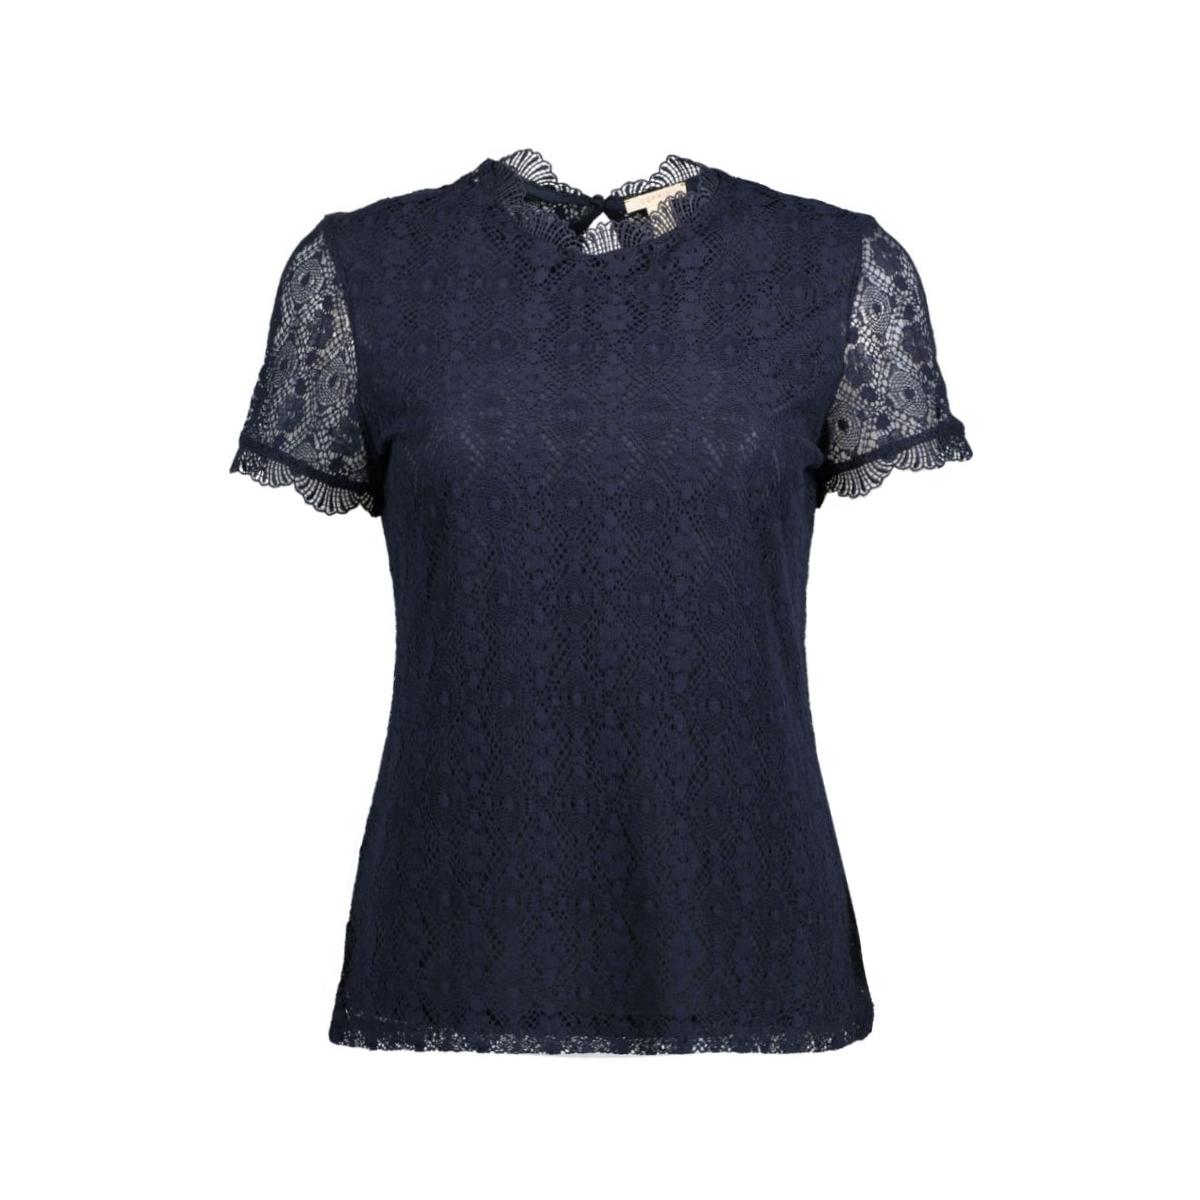 106ee1k041 esprit t-shirt e400